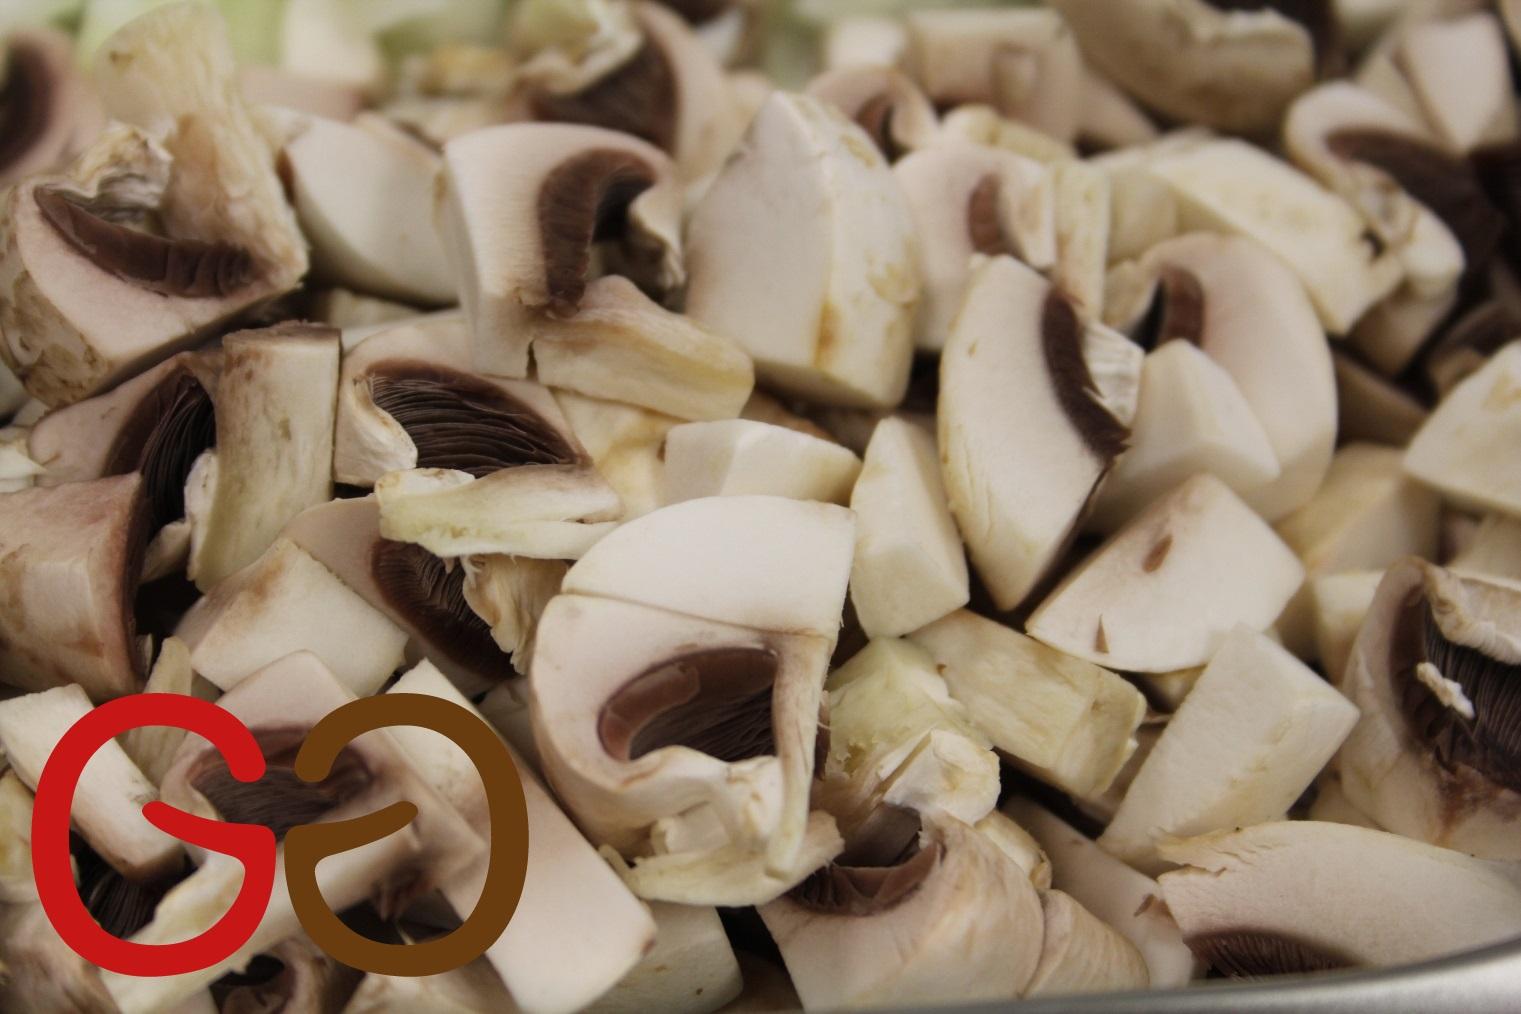 risotto vorbereitet mit frischen pilzen einfache rezepte f r gl ckliche g ste. Black Bedroom Furniture Sets. Home Design Ideas